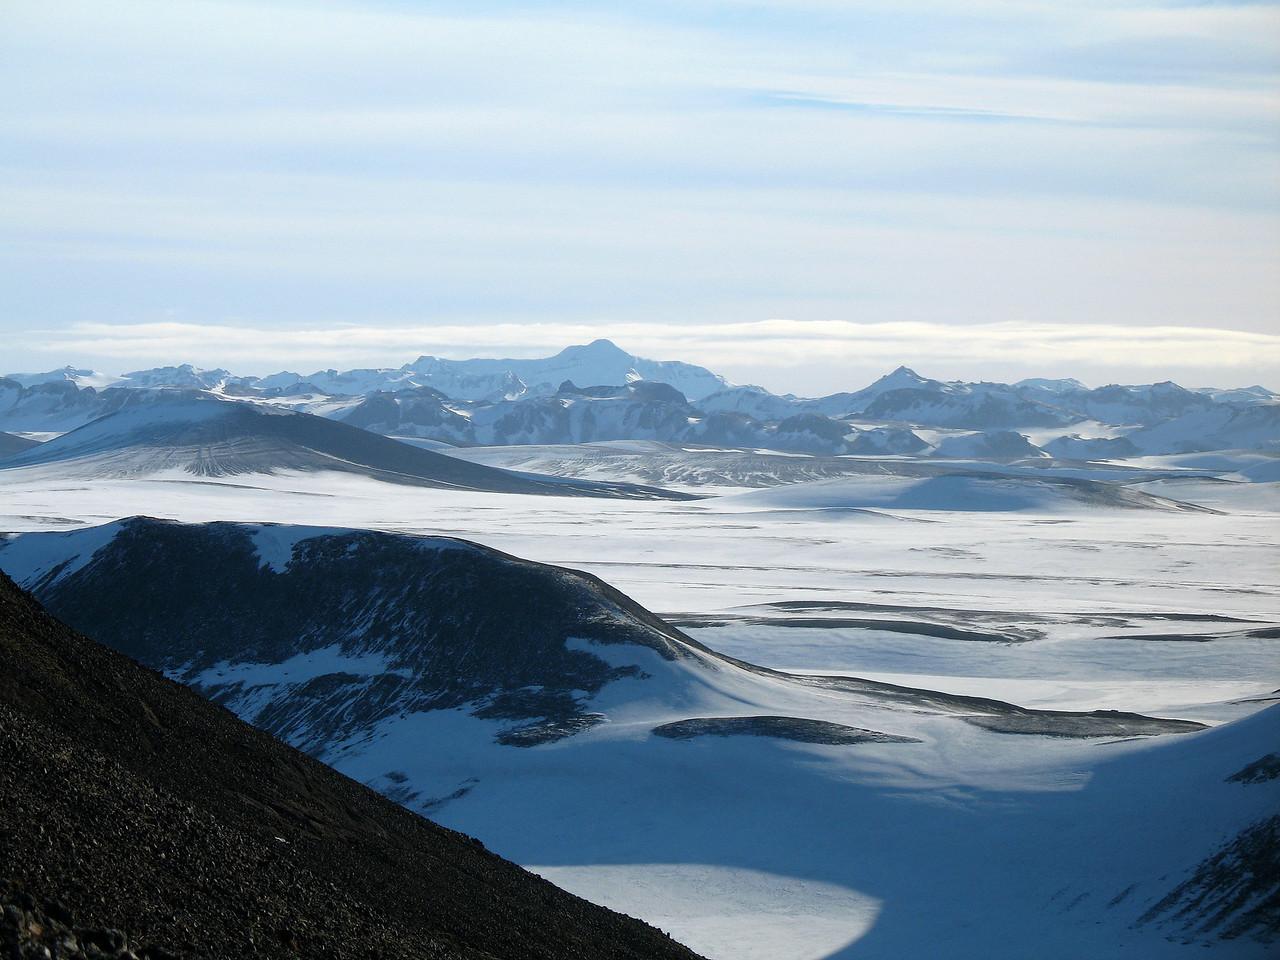 Útsýni til austurs, Sveinstindur gnæfir hæst, hægra megin við hann ber Gretti við himin, Ljónstindur nær er lægri.